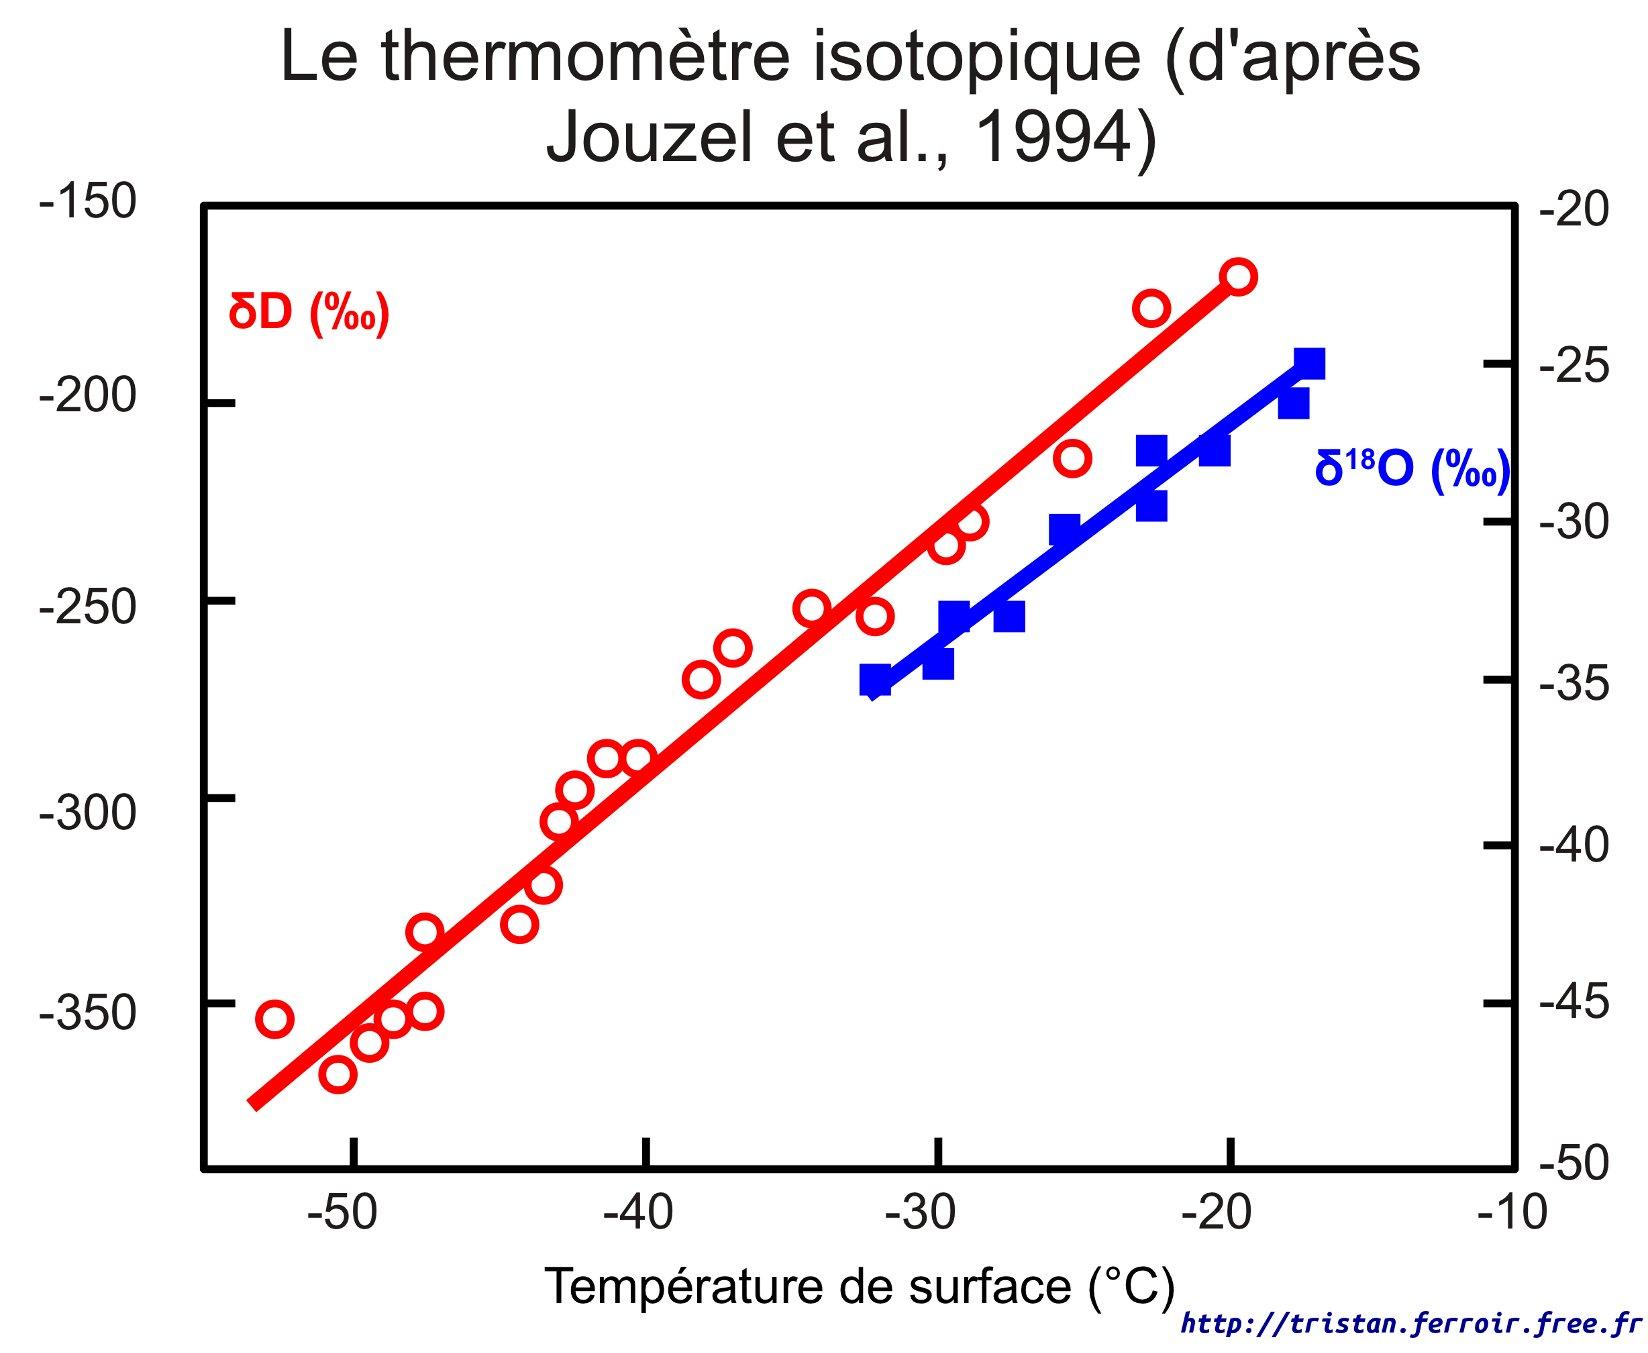 Corrélation entre delta 18 O et la température des glaces - Le thermomètre isotopique de Jouzel